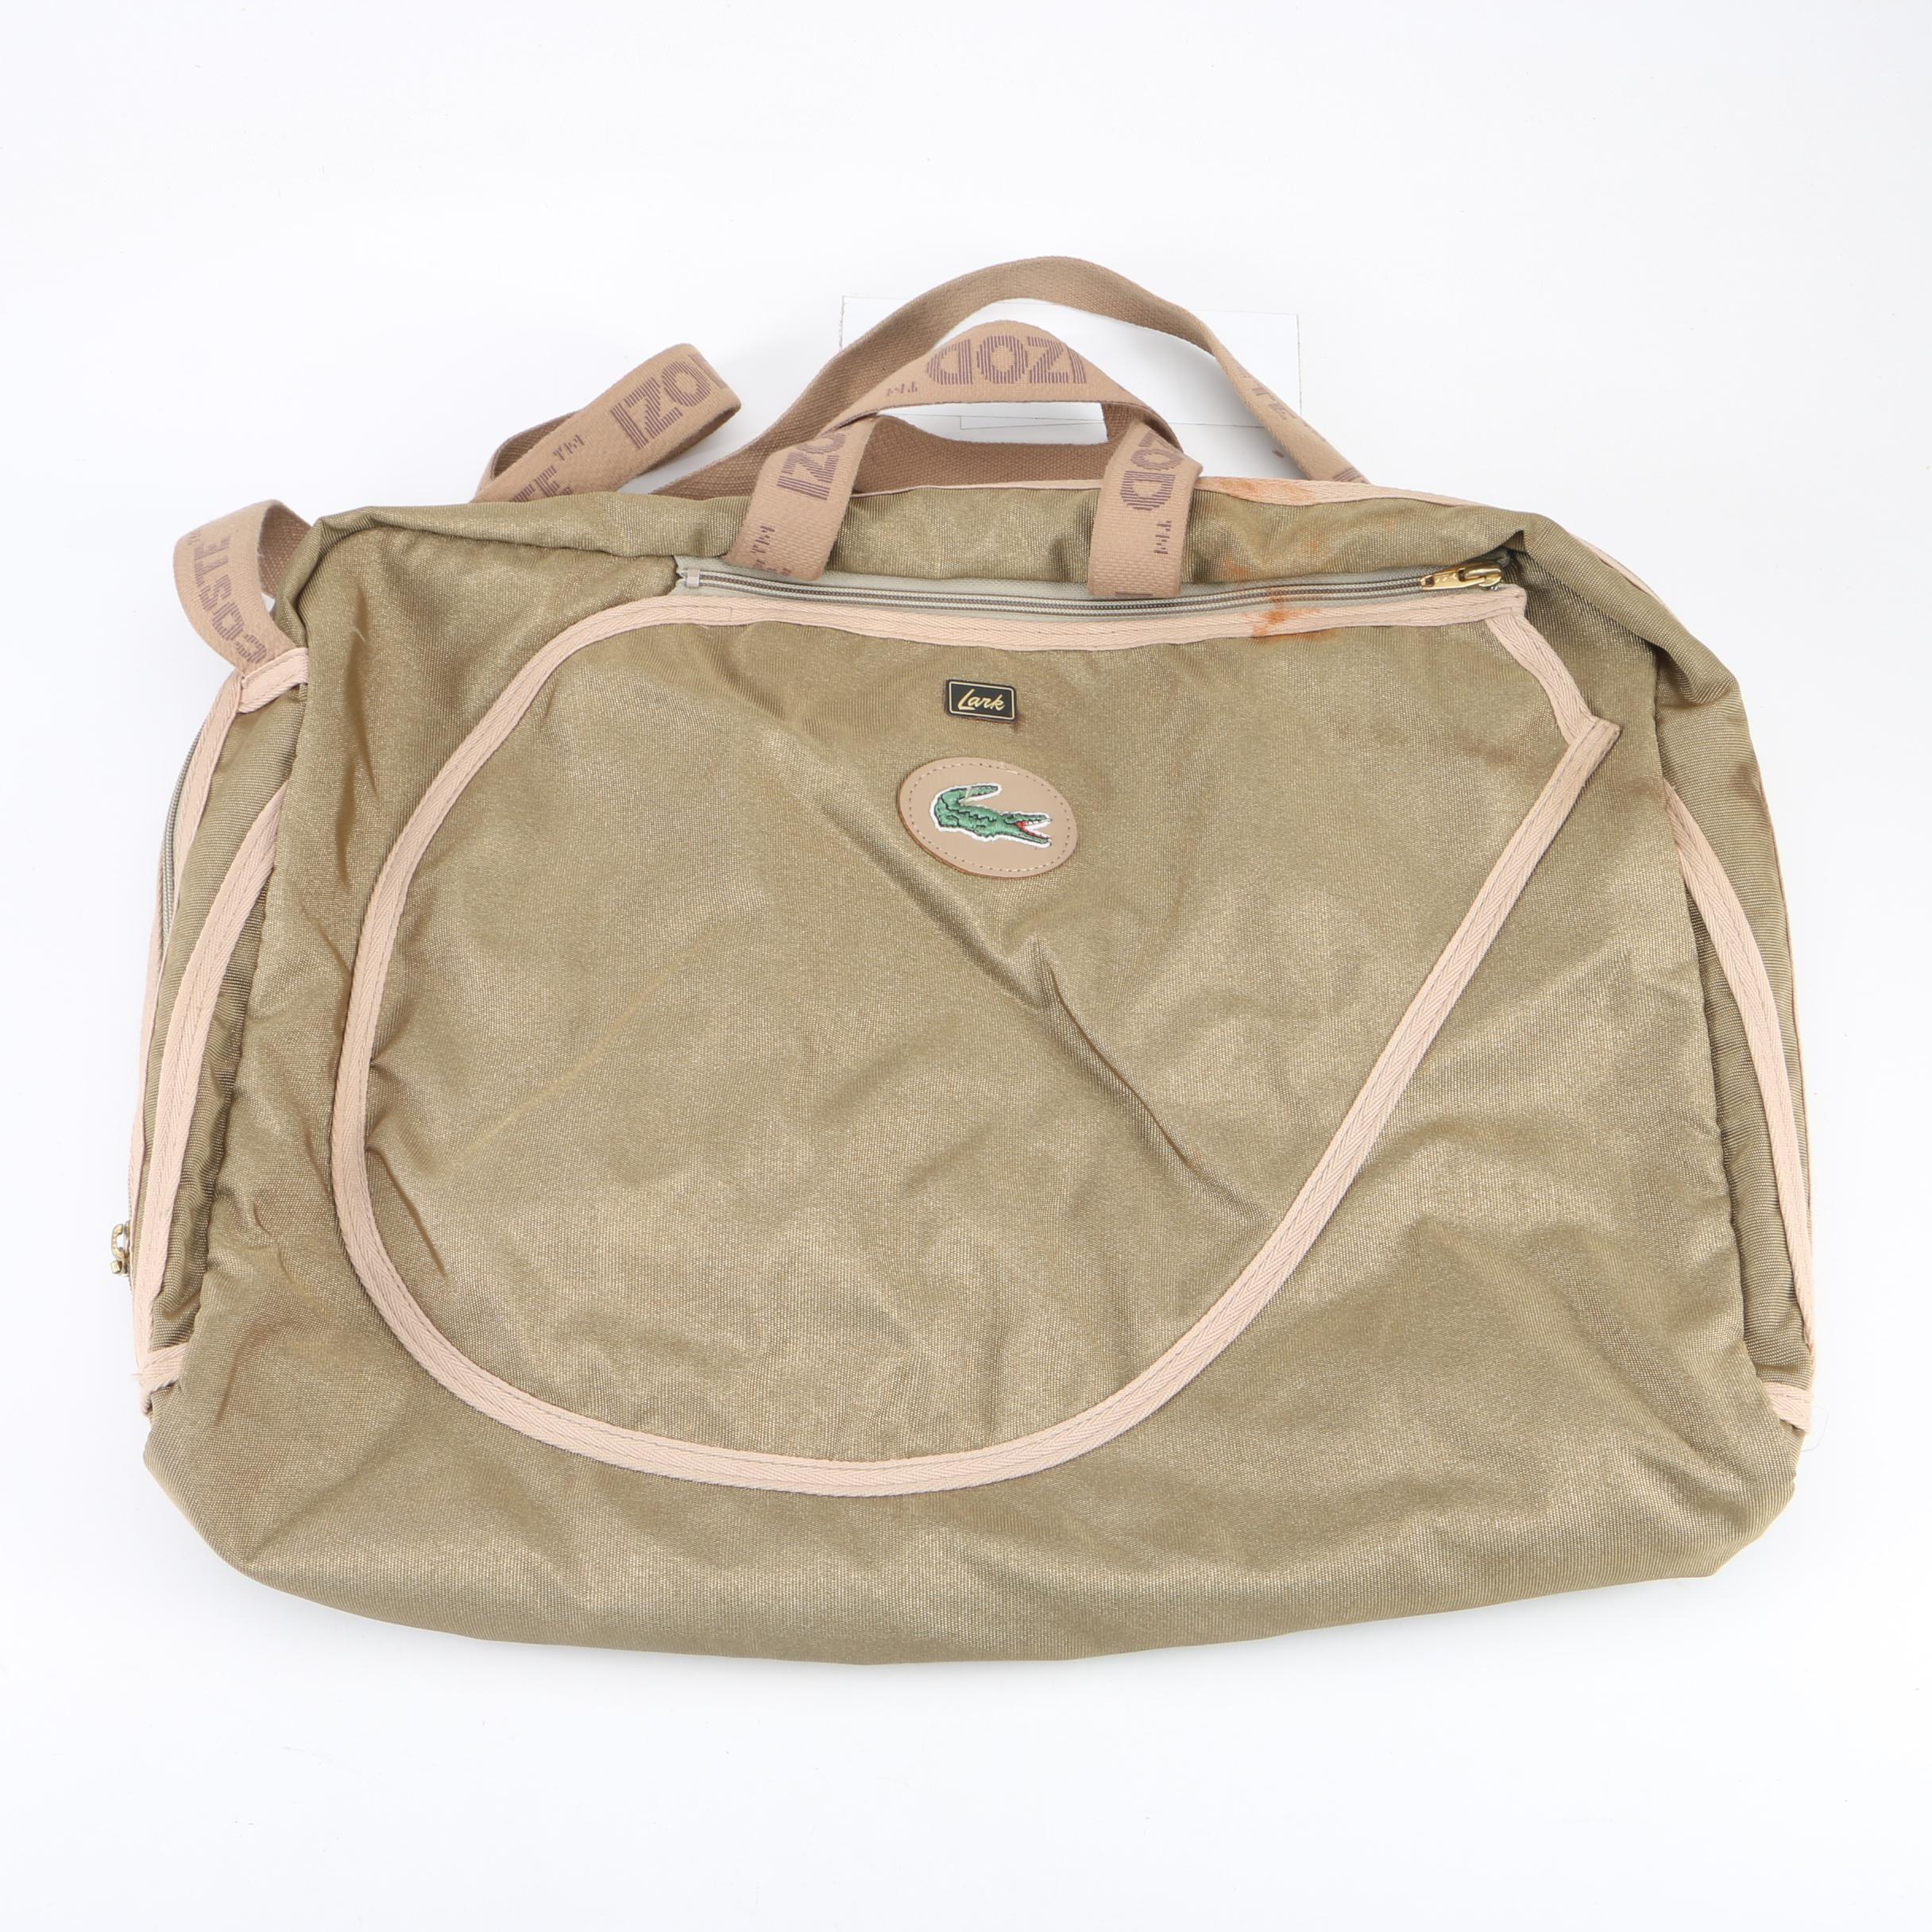 Lacoste Lark Beige Canvas Shoulder Bag with Garment Hanger